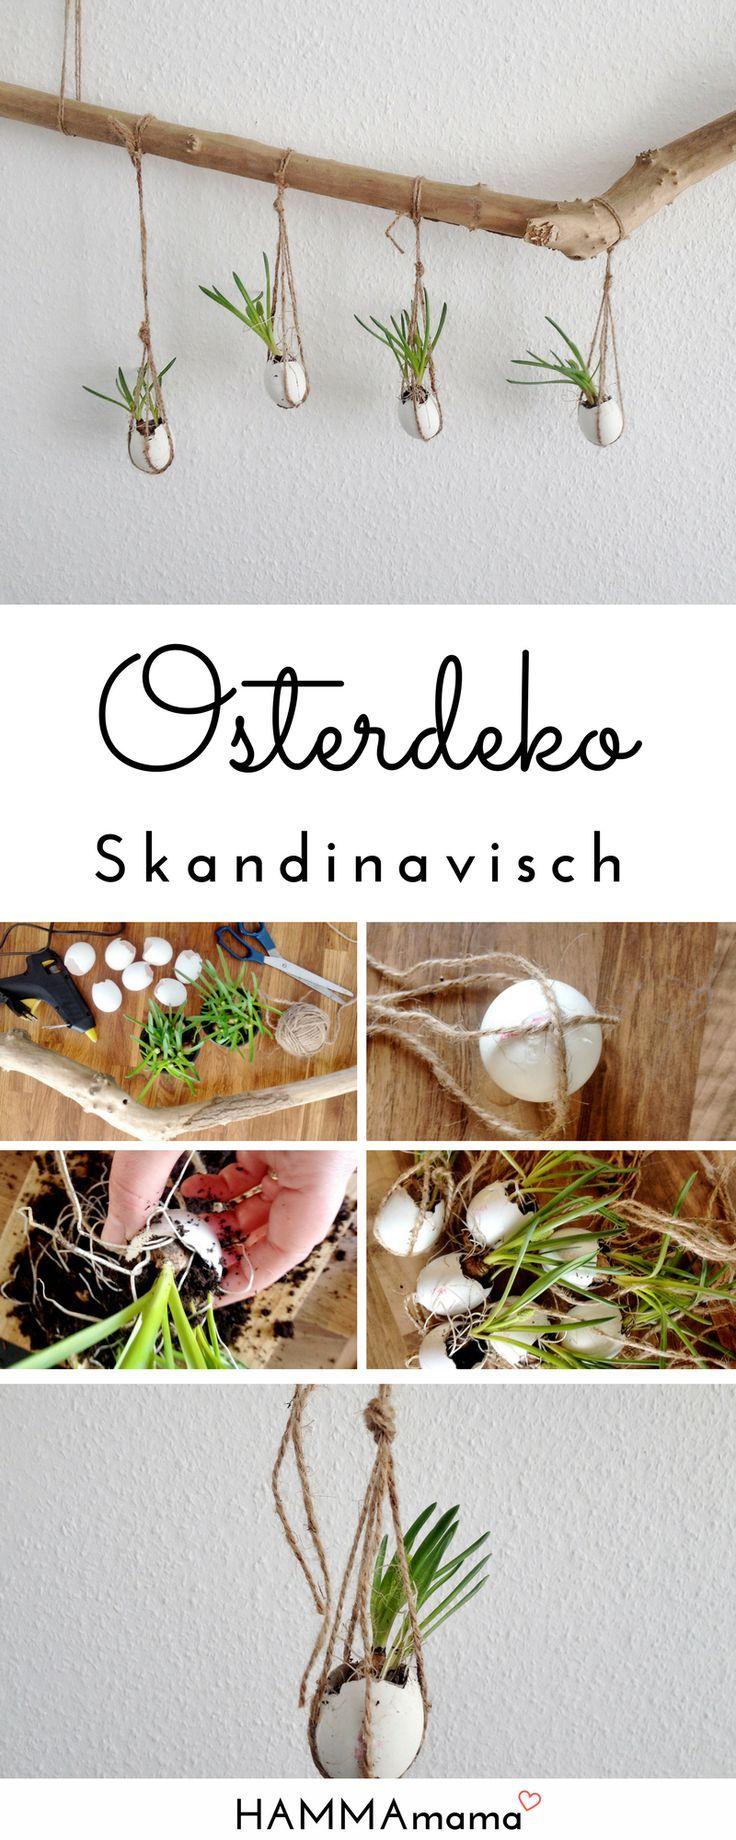 DIY-Deko-Ast für Ostern selber machen: skandinavisch minimalistisch mit Blumen